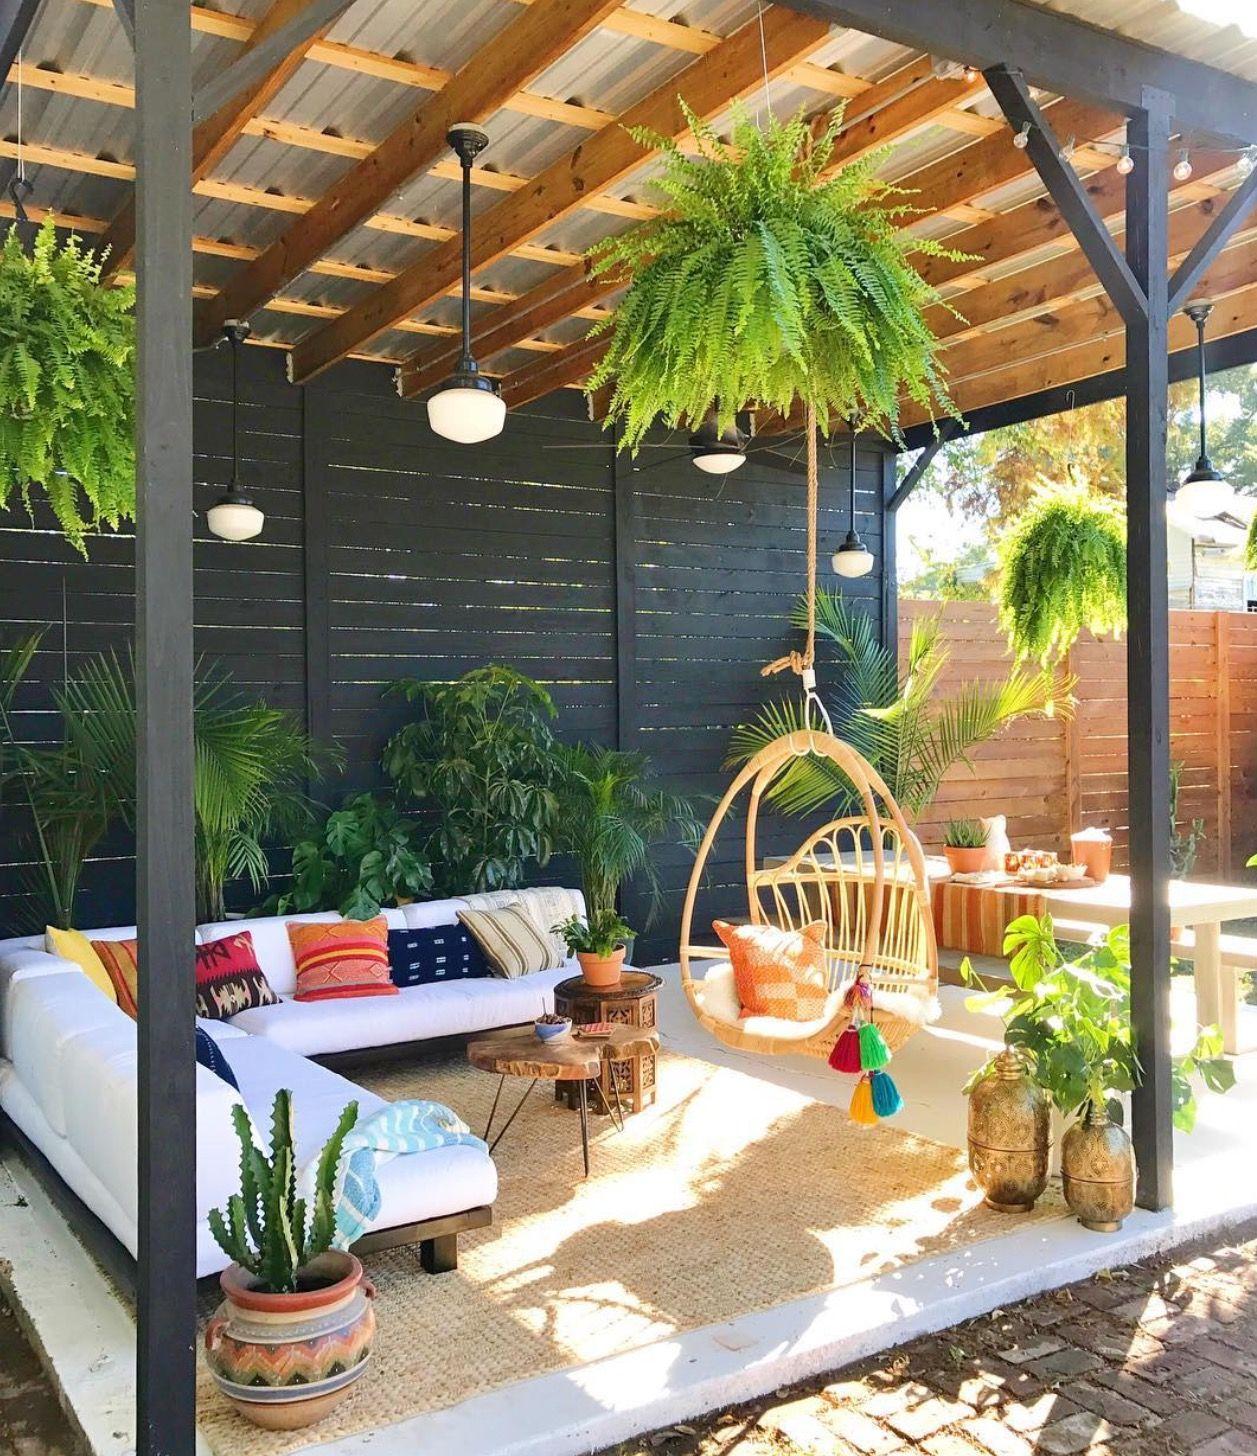 Outdoor platform couch Outdoor patio, Backyard, Patio